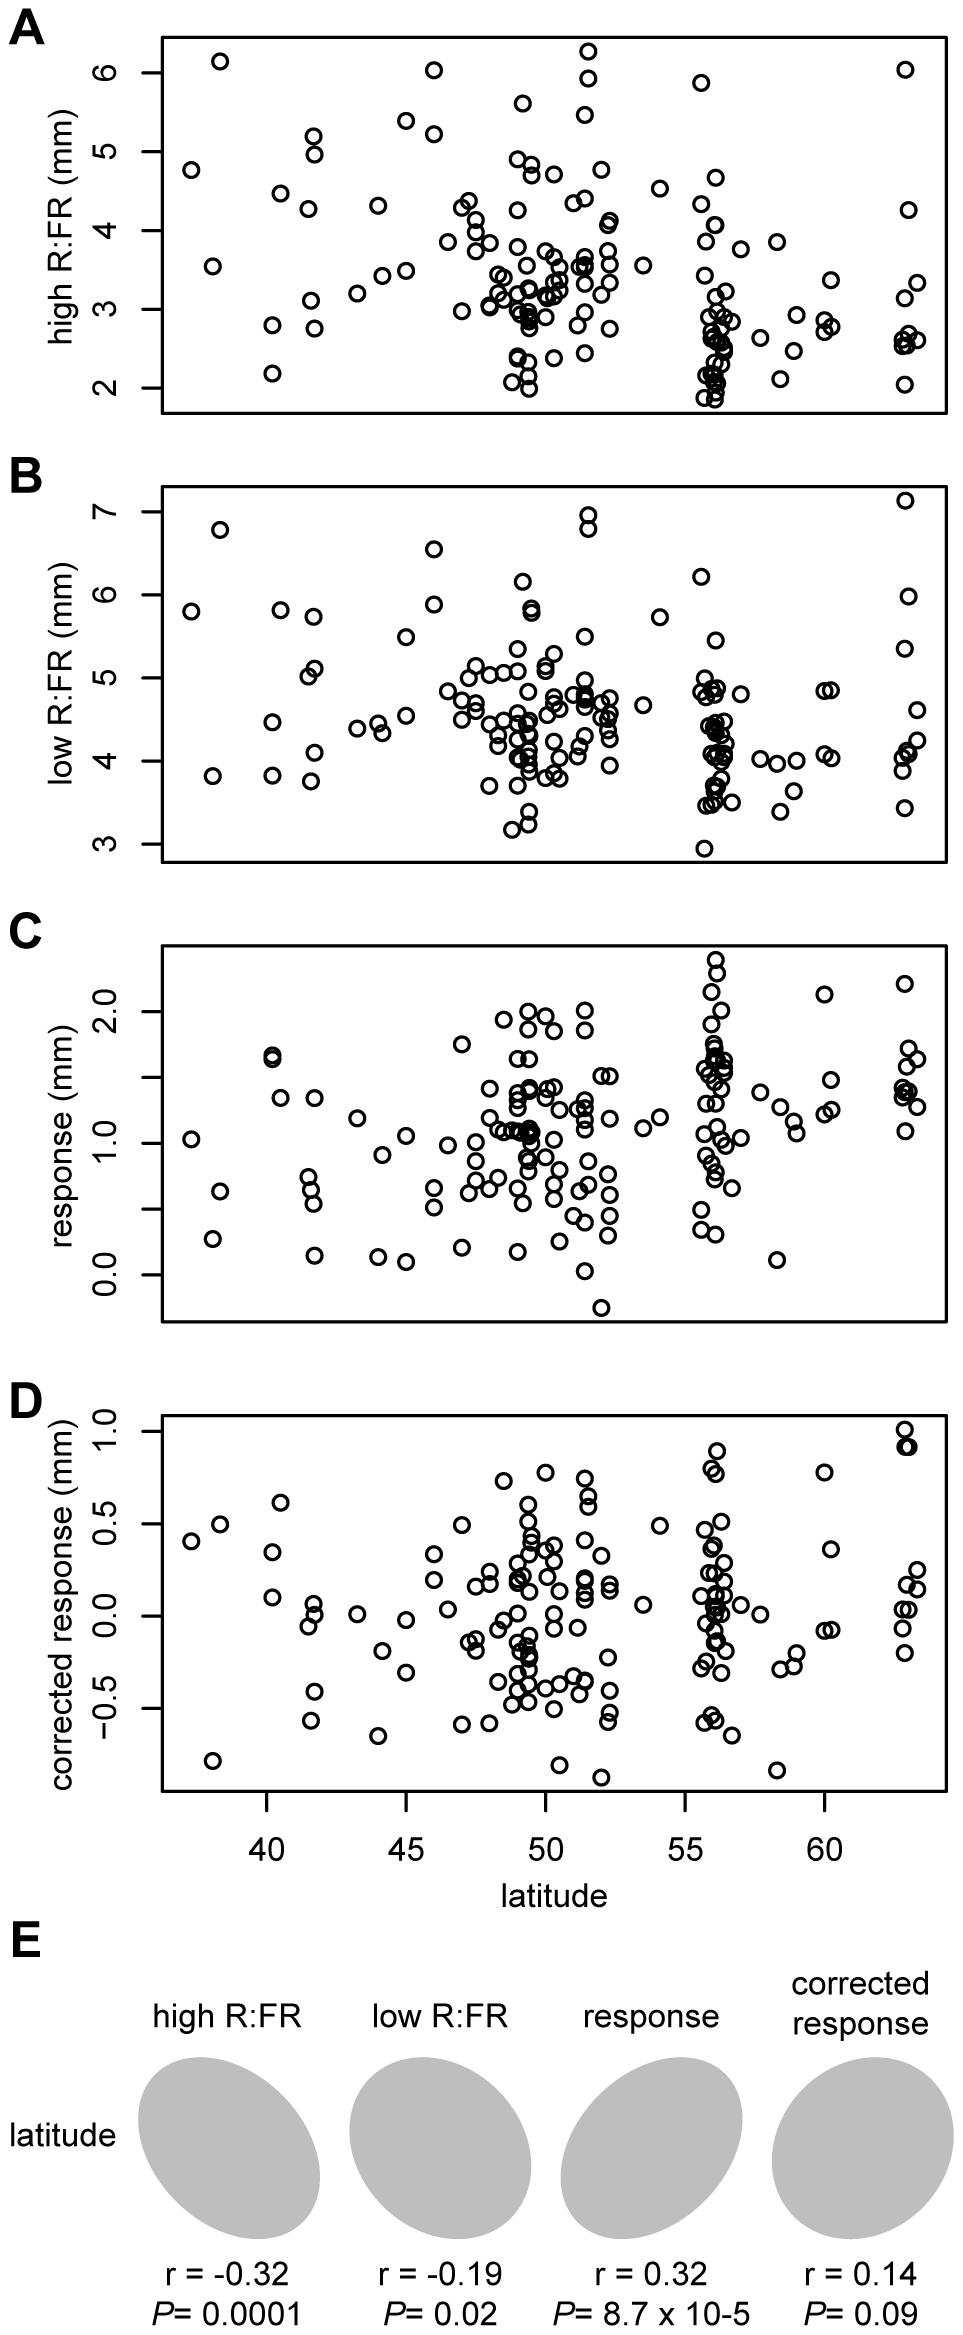 Correlations between phenotypes and latitude.